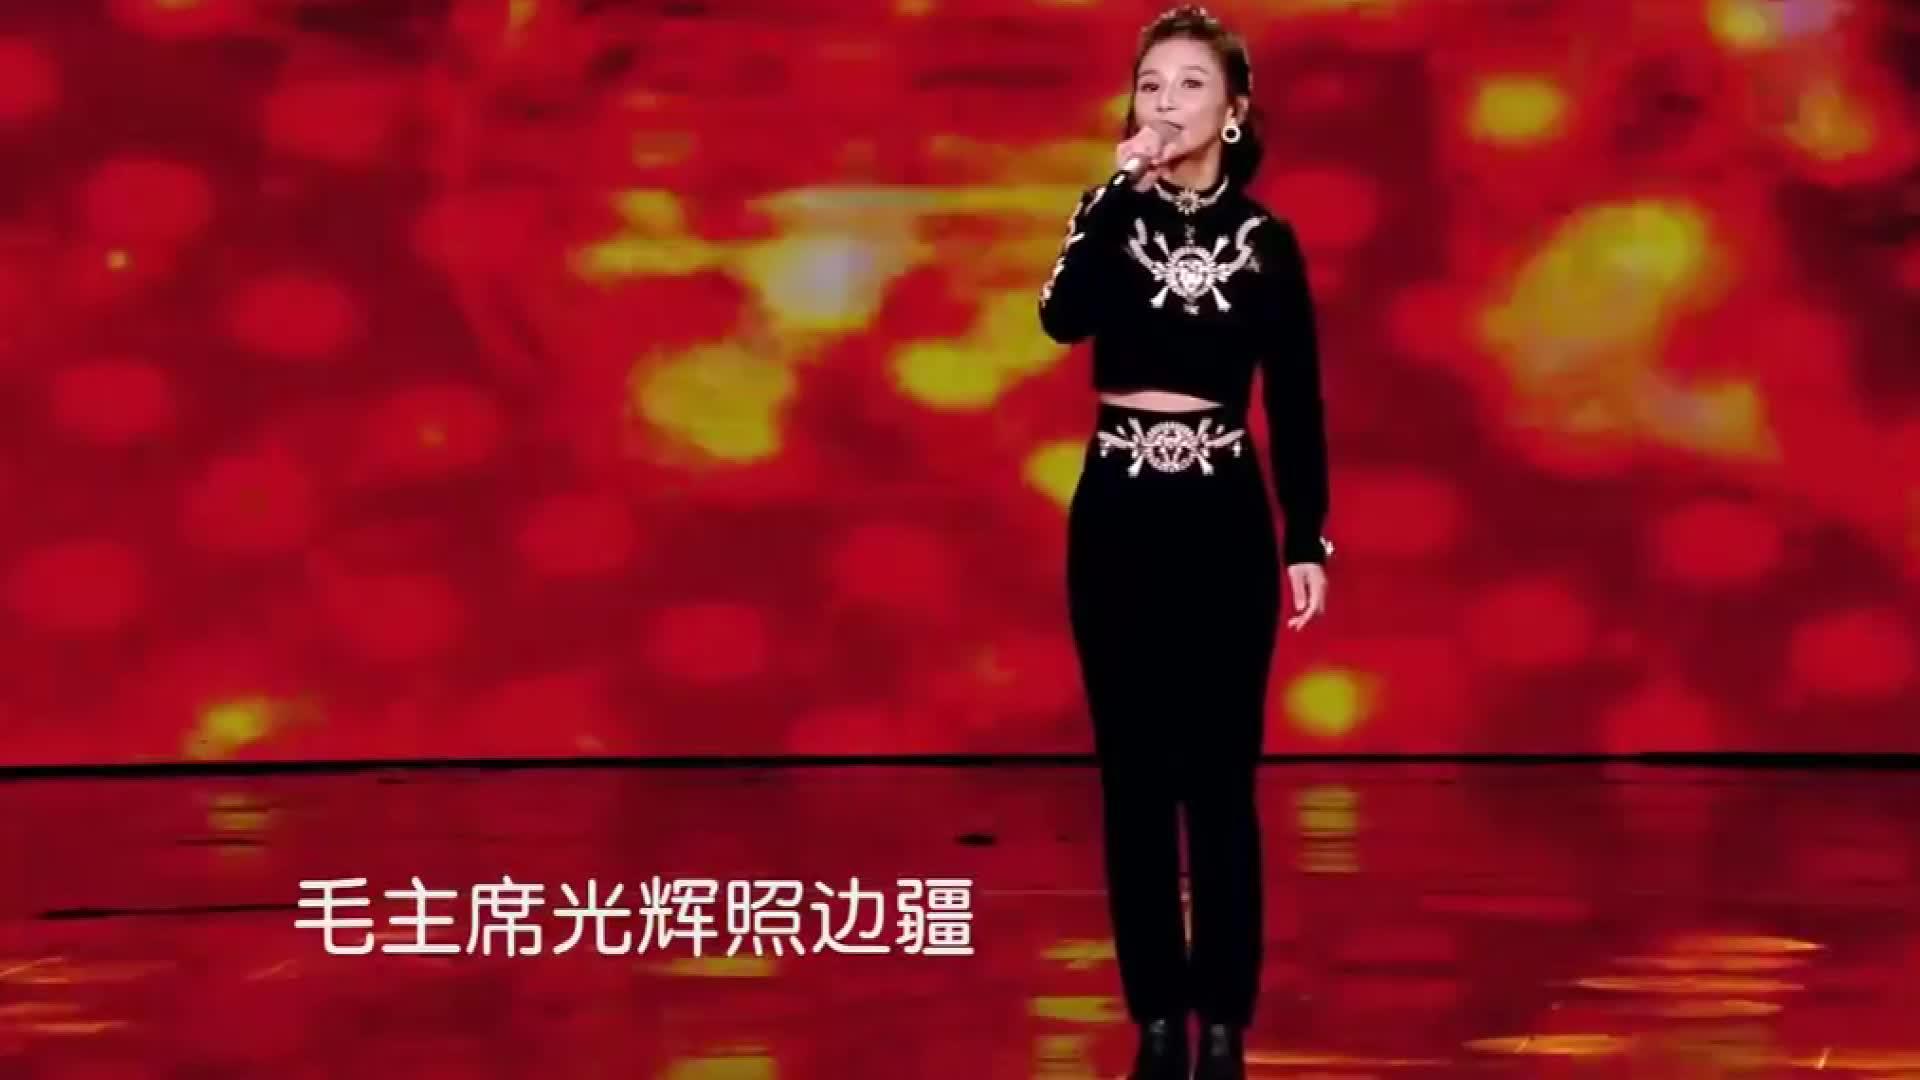 罗永娟再唱《阿瓦人唱新歌》,嗓音清亮回荡,十分好听呀!